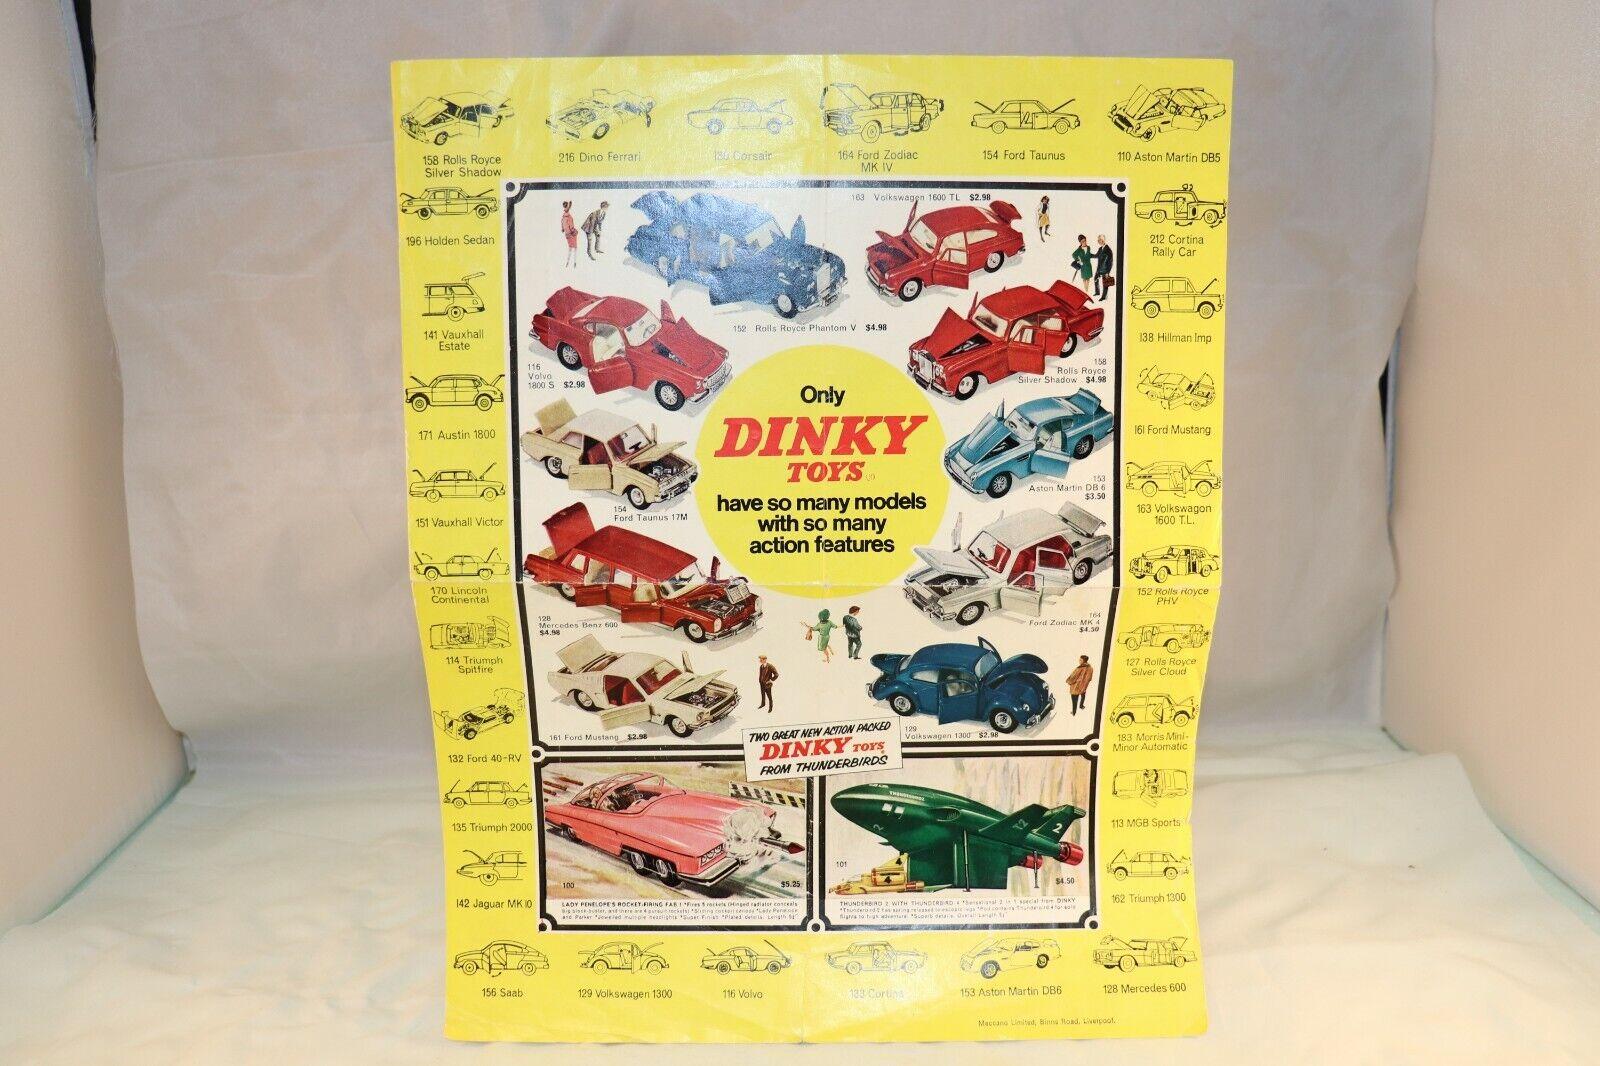 Dinky giocattoli 725773 Poster Dimensione 33 x 26 cm tutti original in excellent condition